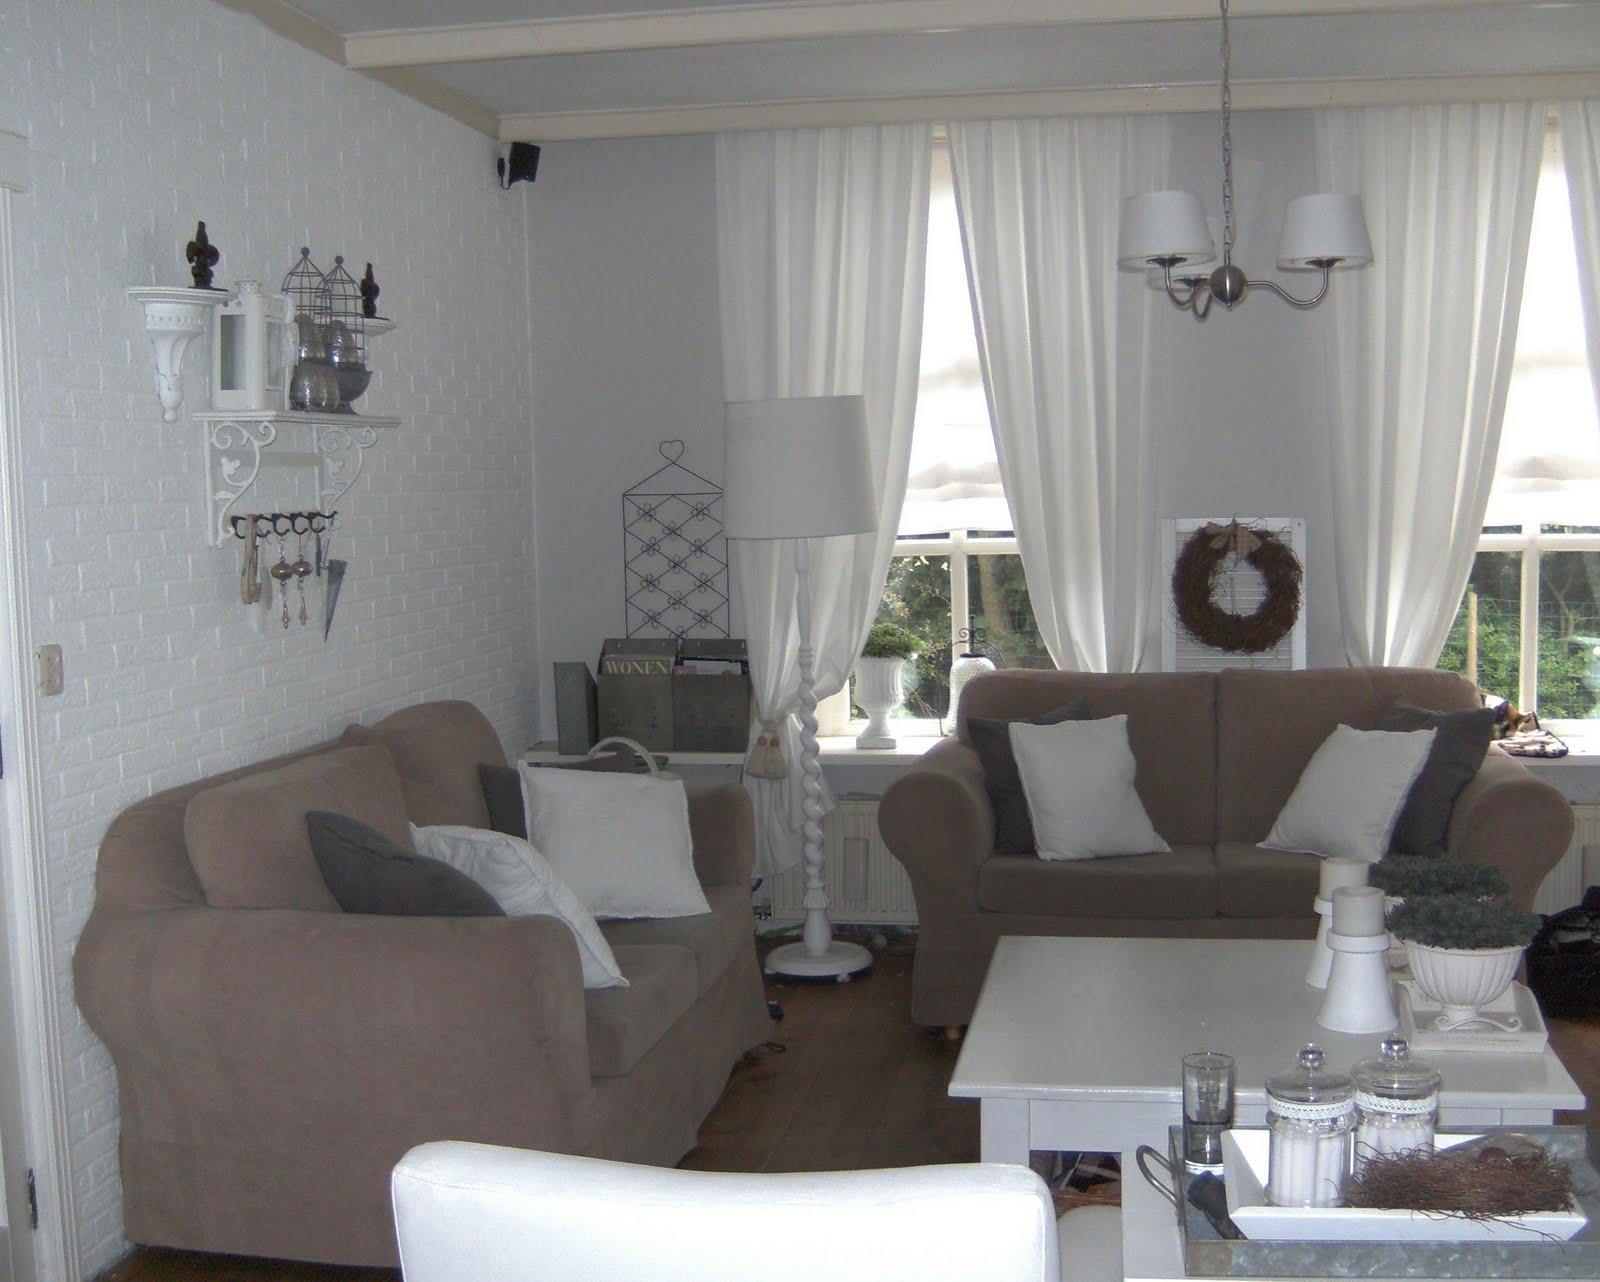 De brocante houtschuur een blik in de kamer Brocante woonkamer